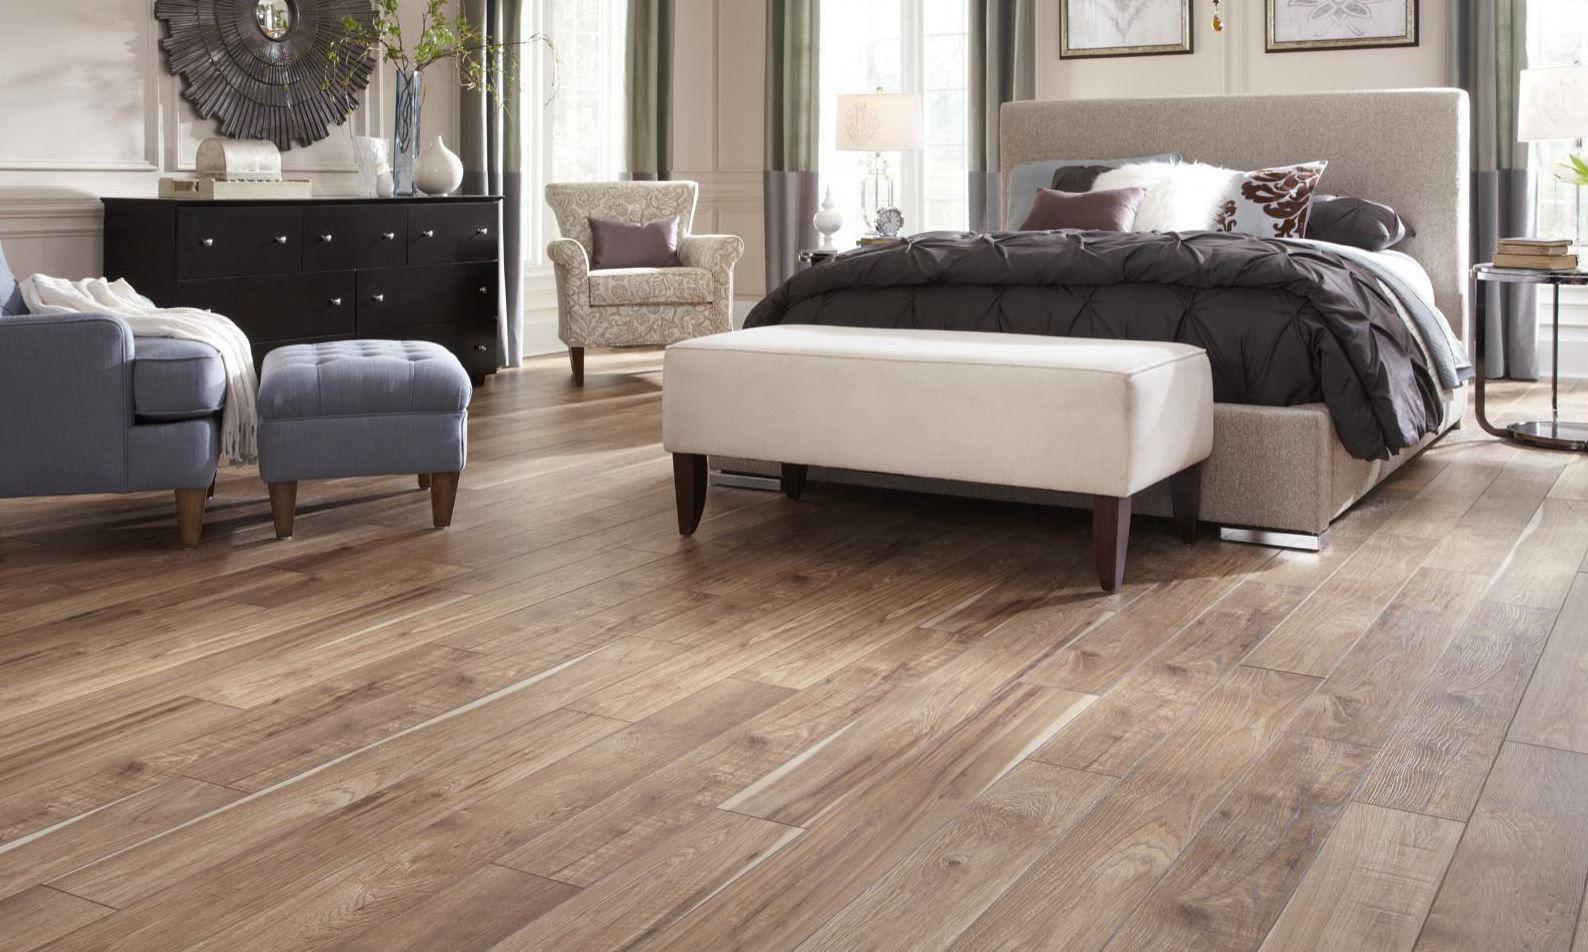 Vinyl Flooring That Looks Like Wood Planks (med bilder